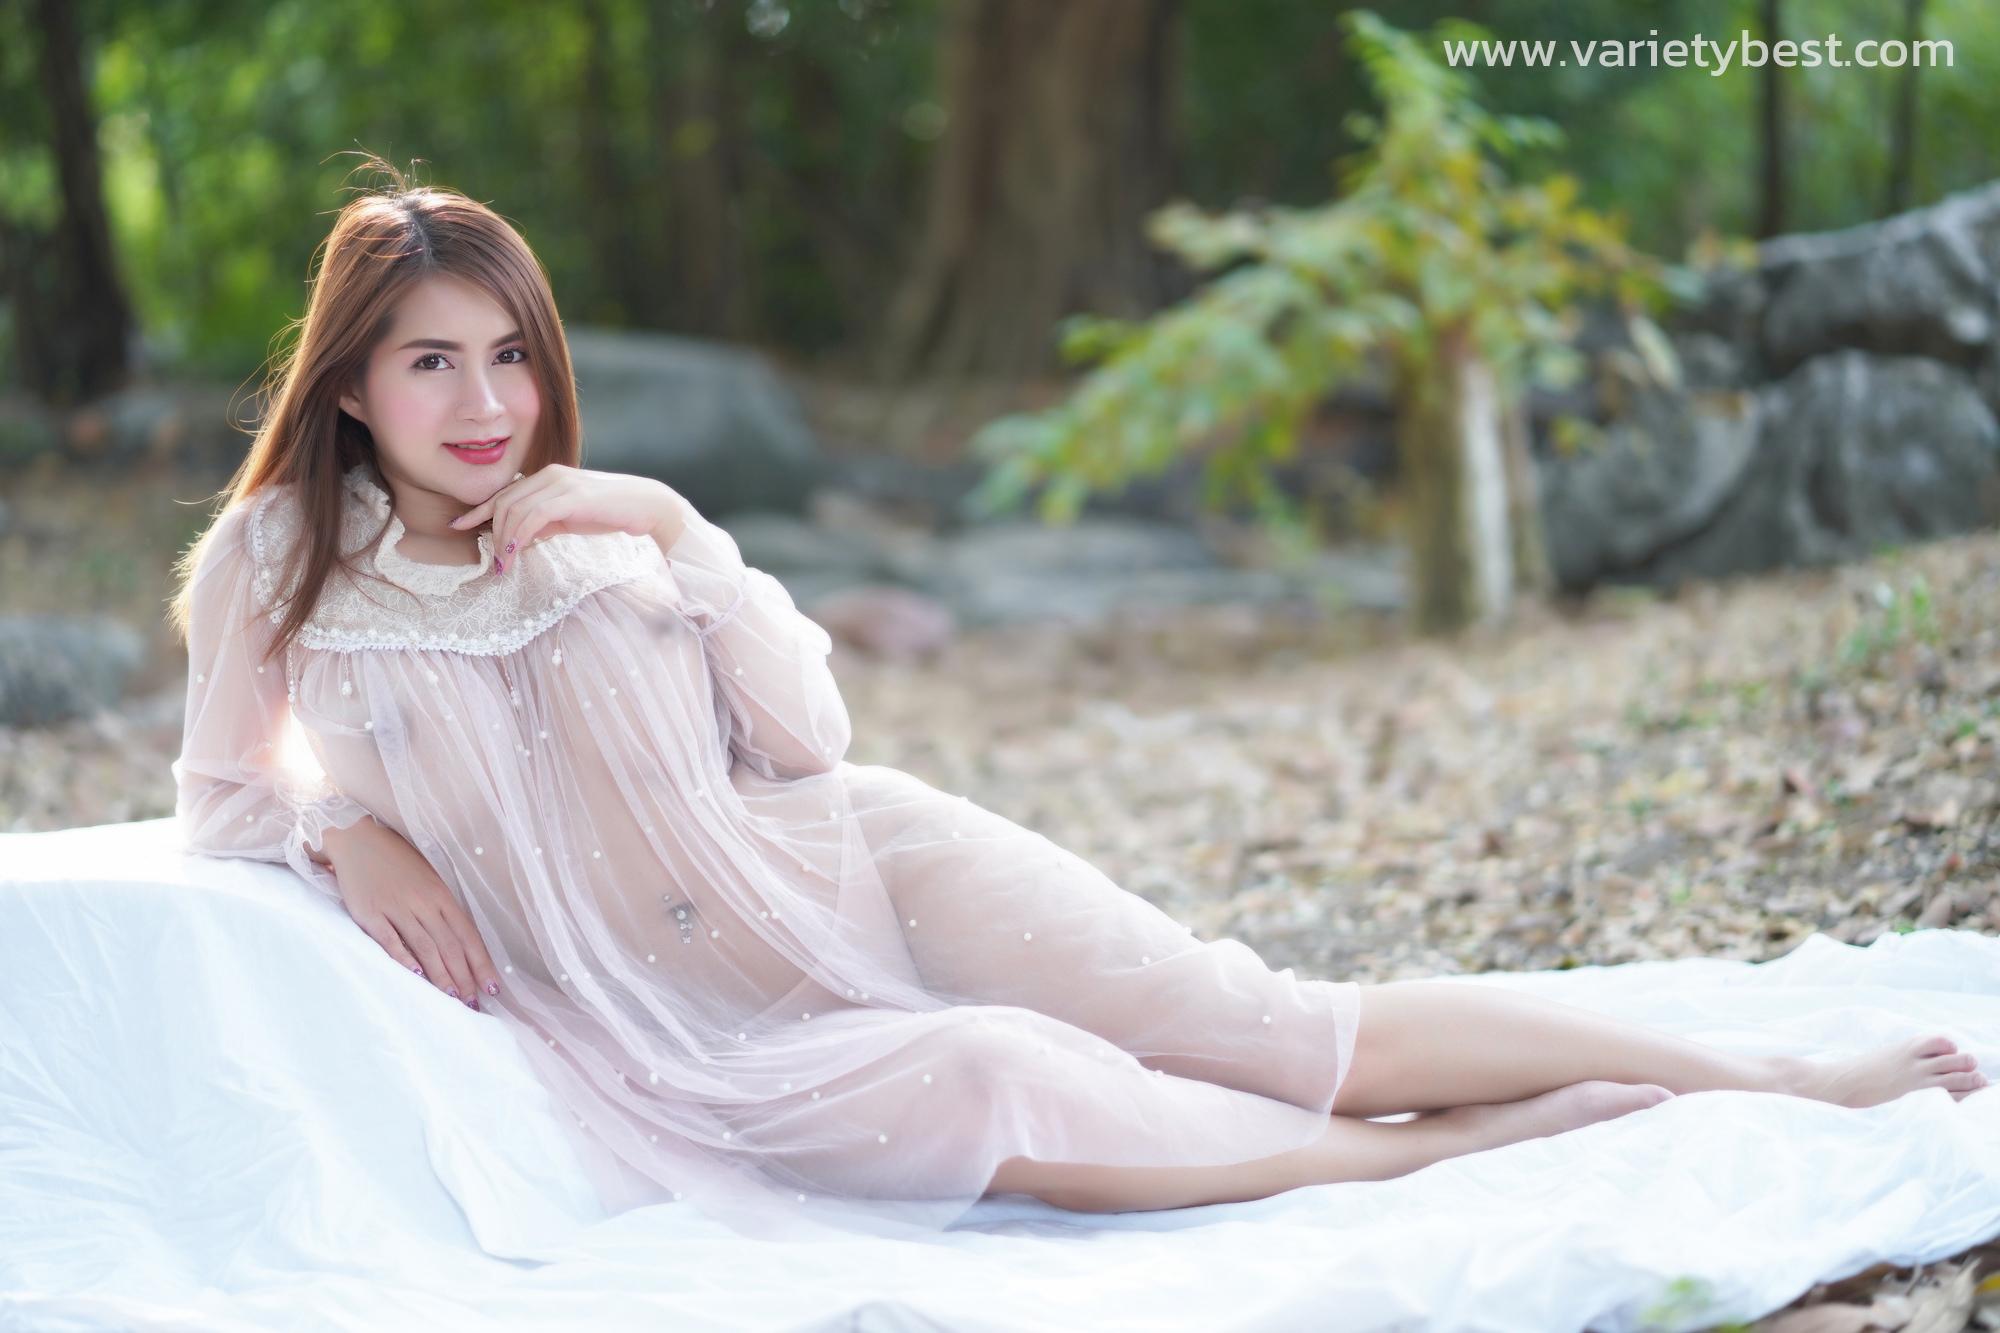 เด็ดสุด สาวสวยน่ารัก น่าขยี้ sexy girls hot nude xxx นมใหญ่